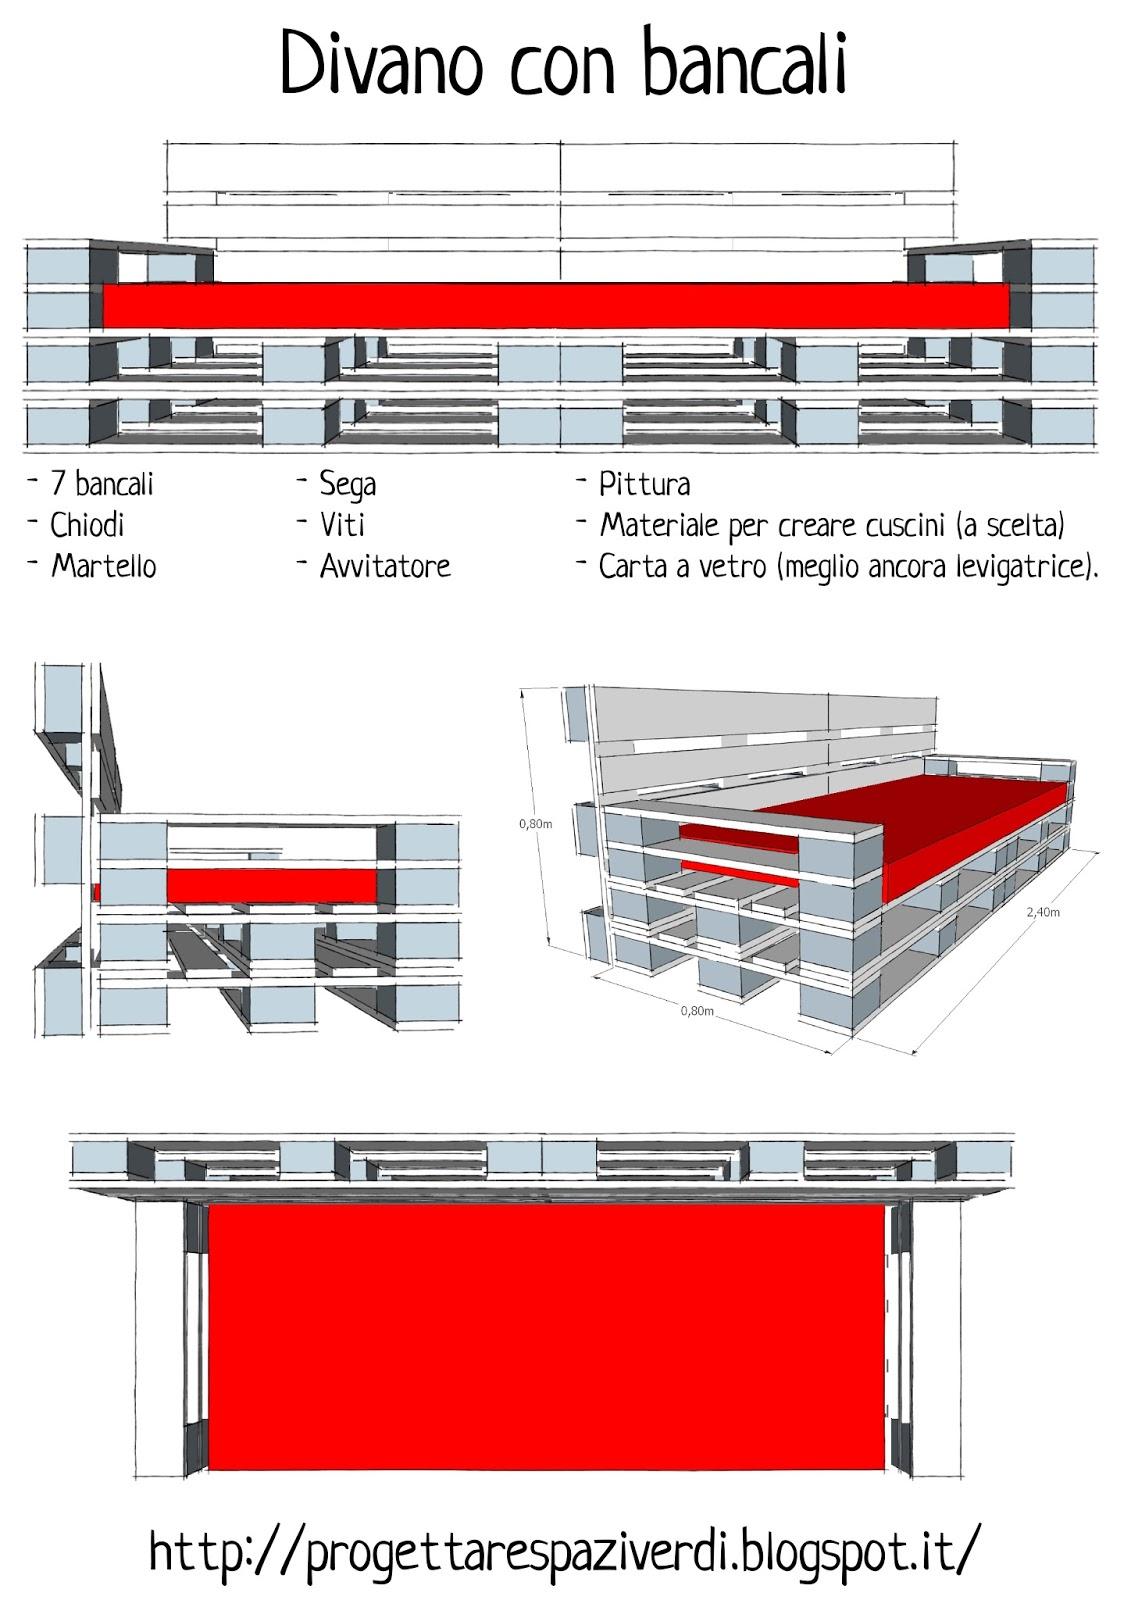 Assez Progettare spazi verdi: Come costruire un divano con i pallet  CW96